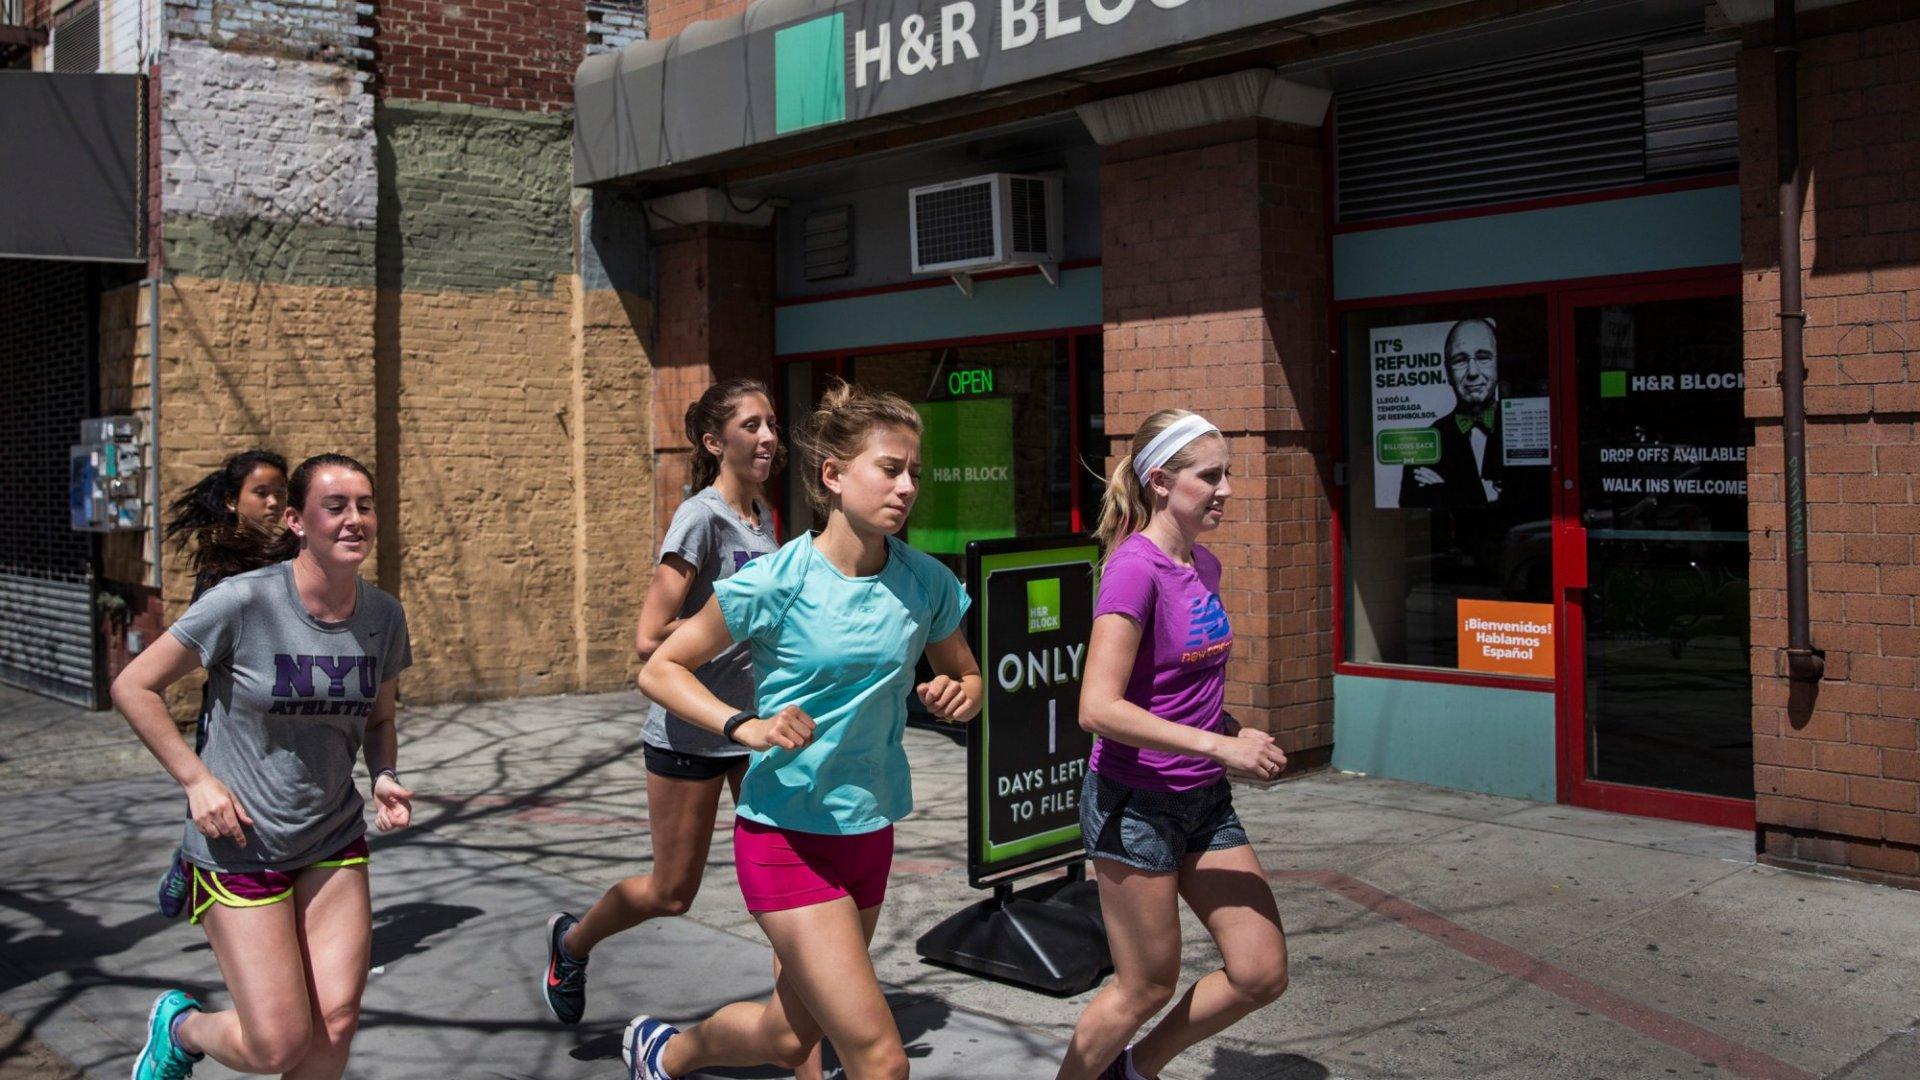 H&R Block is a popular franchise that enjoys tremendous success.